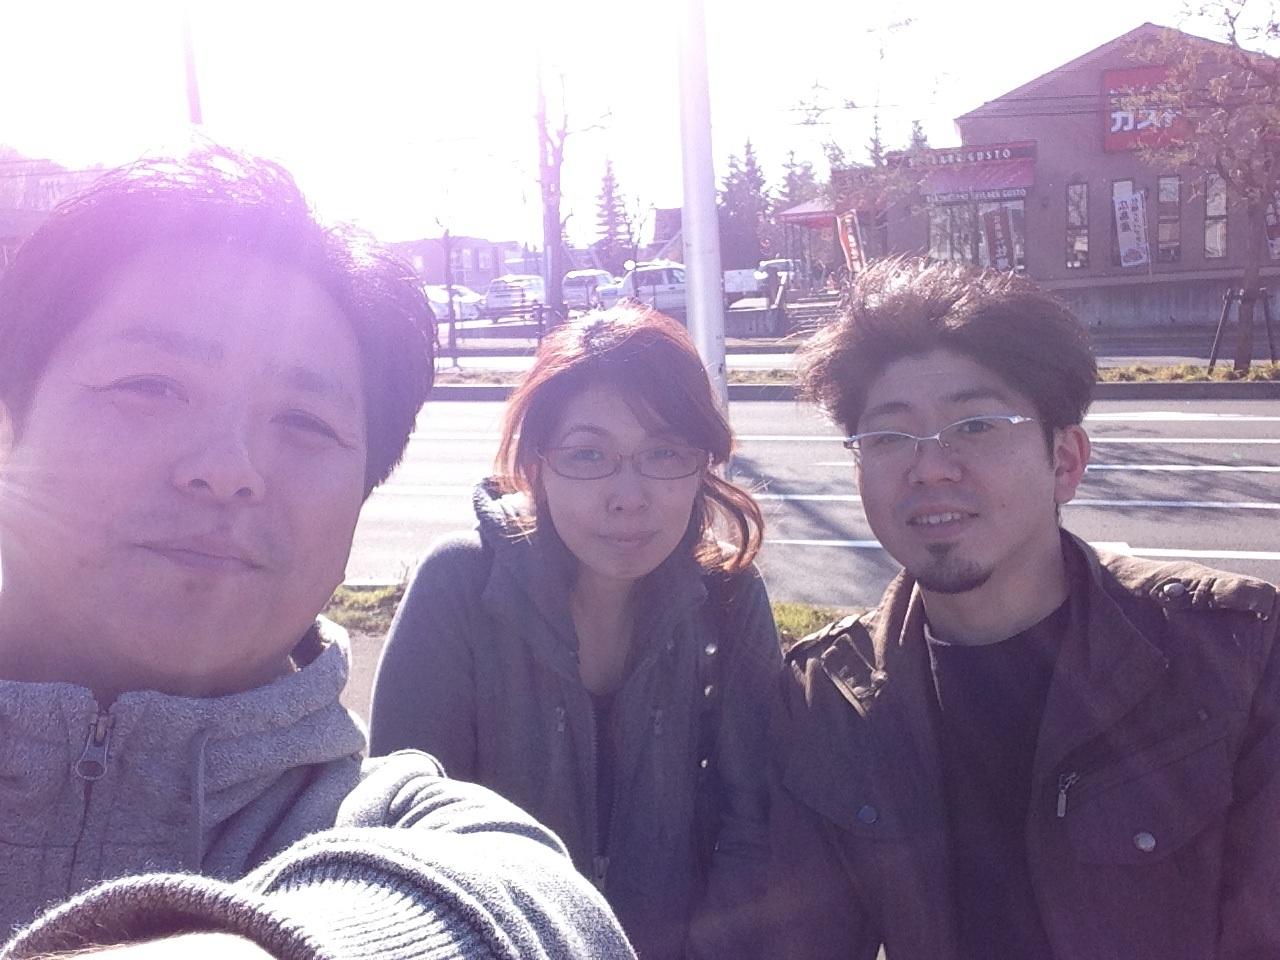 ランクルトミー11月17日を上村あきひさと阿部ちゃんがお届けします!_b0127002_17463036.jpg